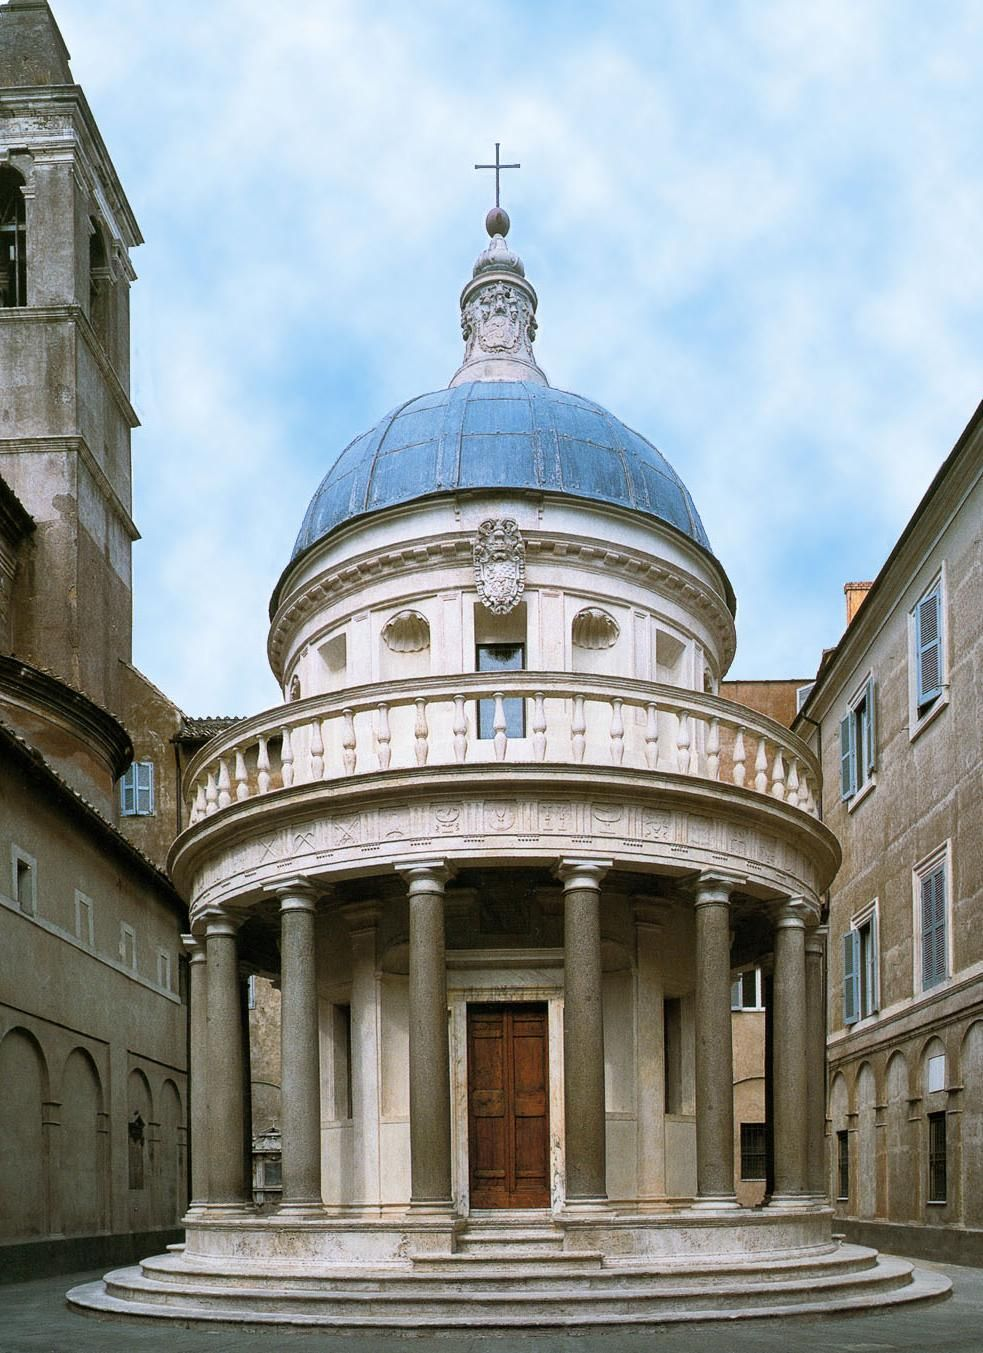 ARCHITETTURA RINASCIMENTALE Tempietto Di S Pietro In Montorio A